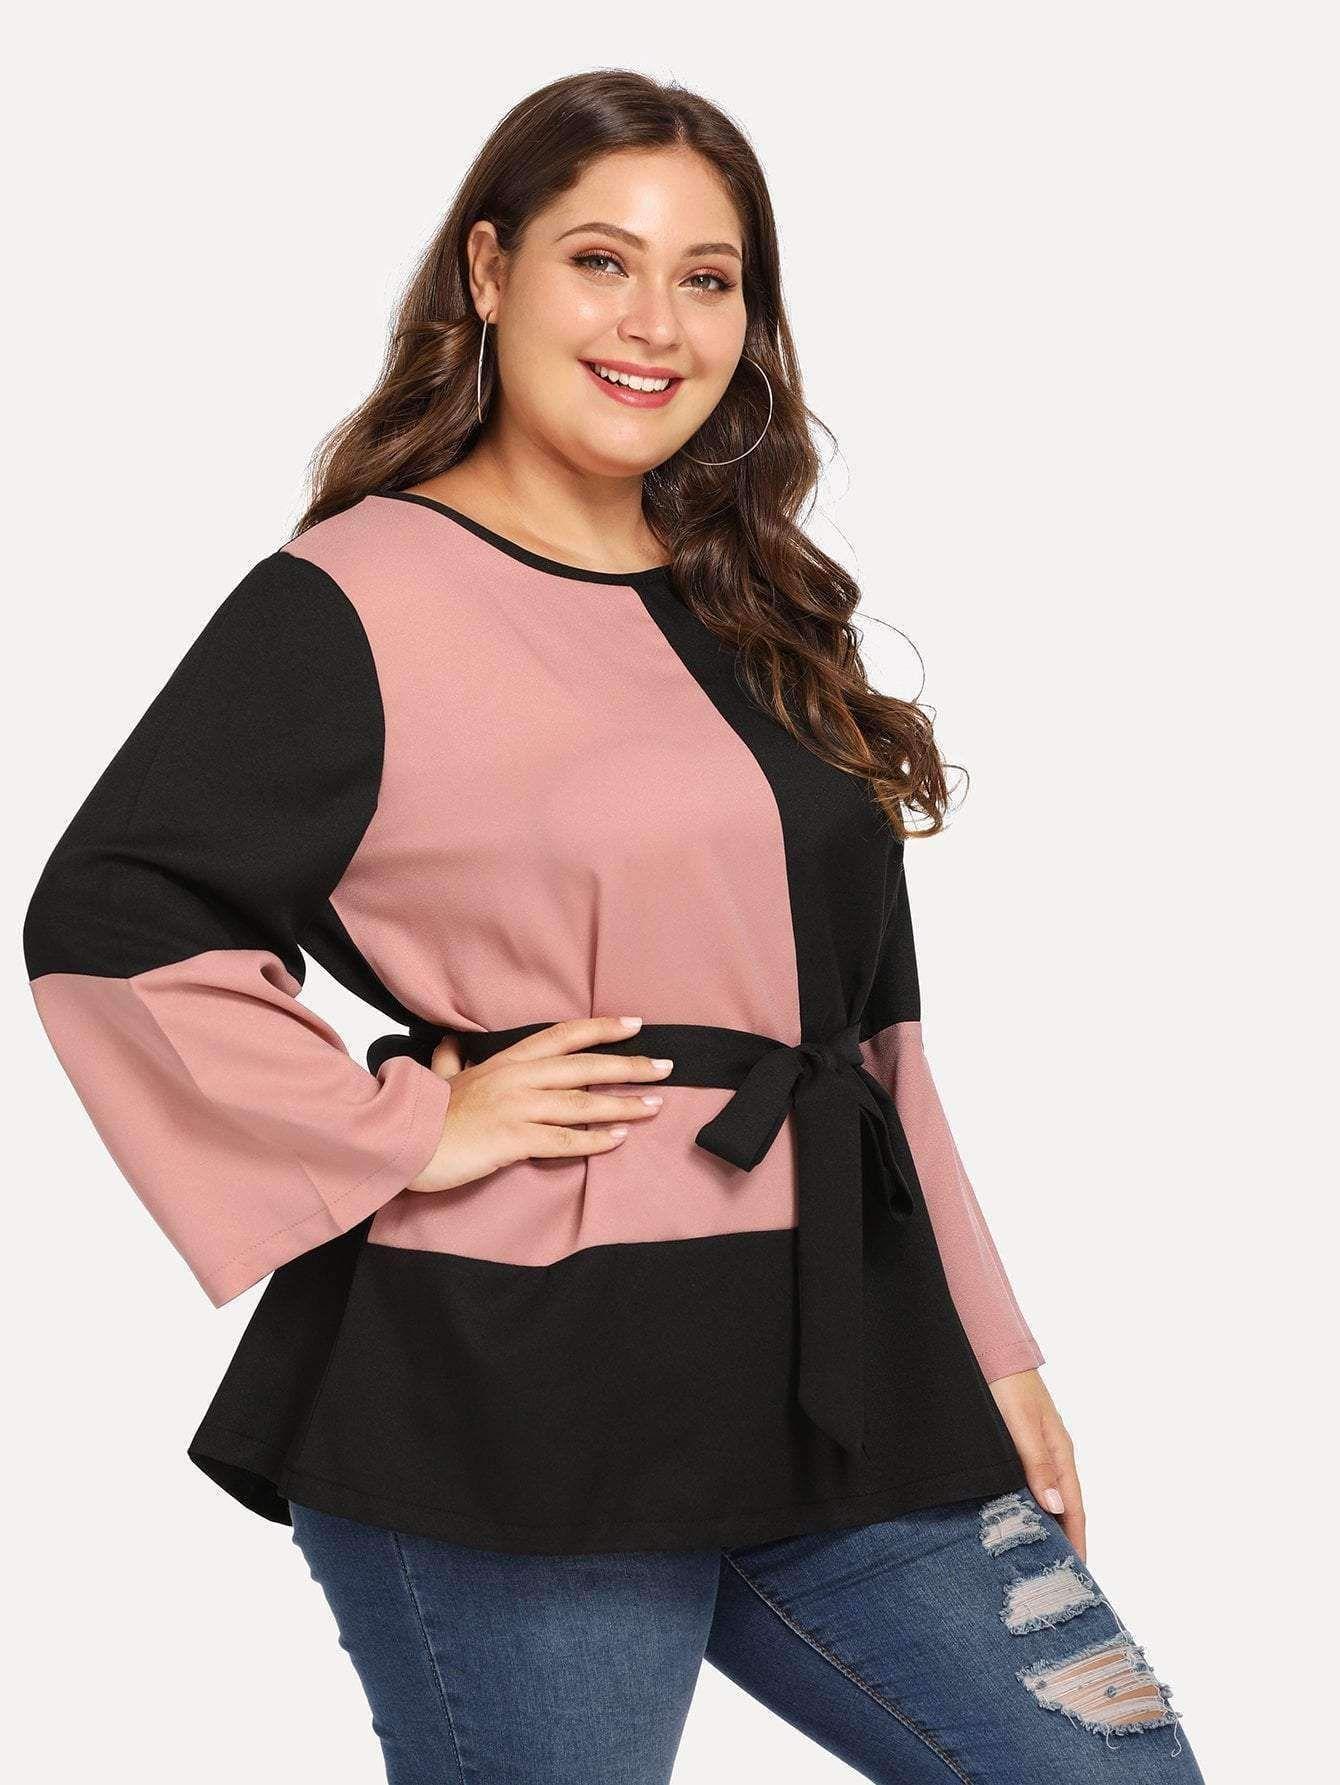 afd323c61a5 Contrast Panel Blouse   Plus Size Collection   Blouse, Fashion ...